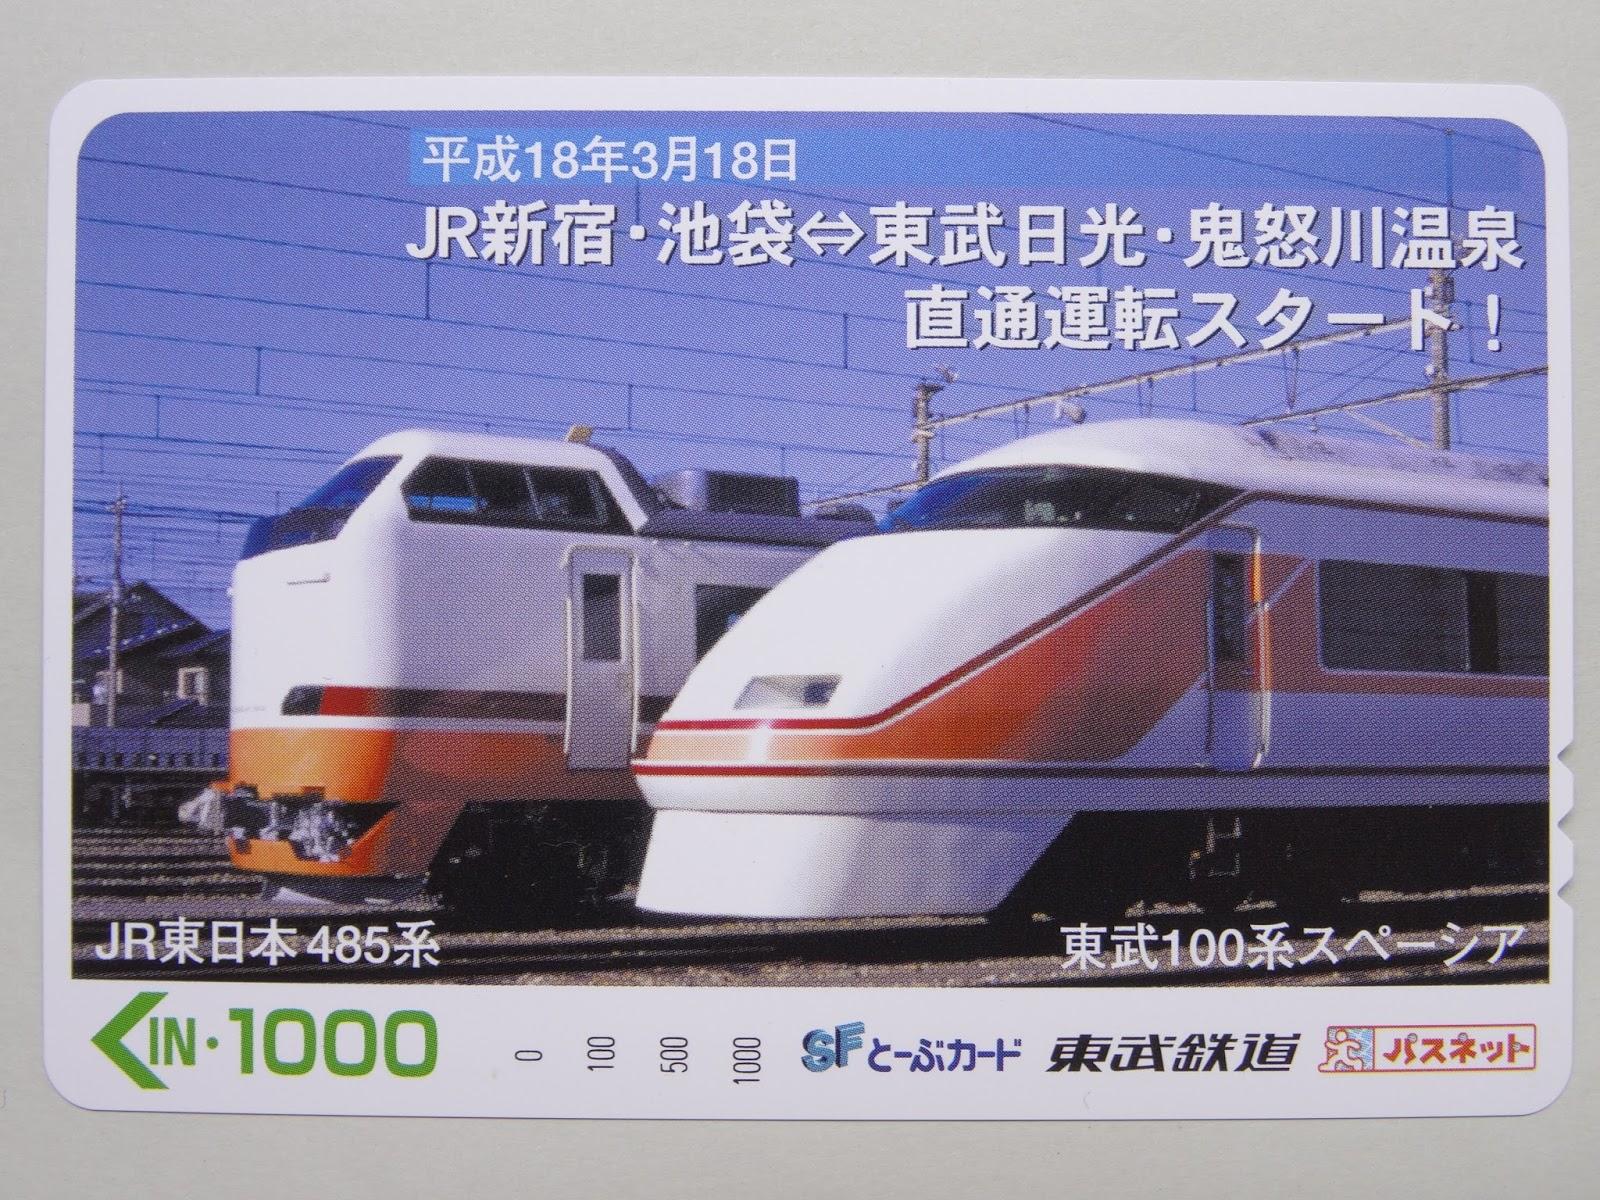 東武鉄道・JRの相互直通運転記念のパスネット